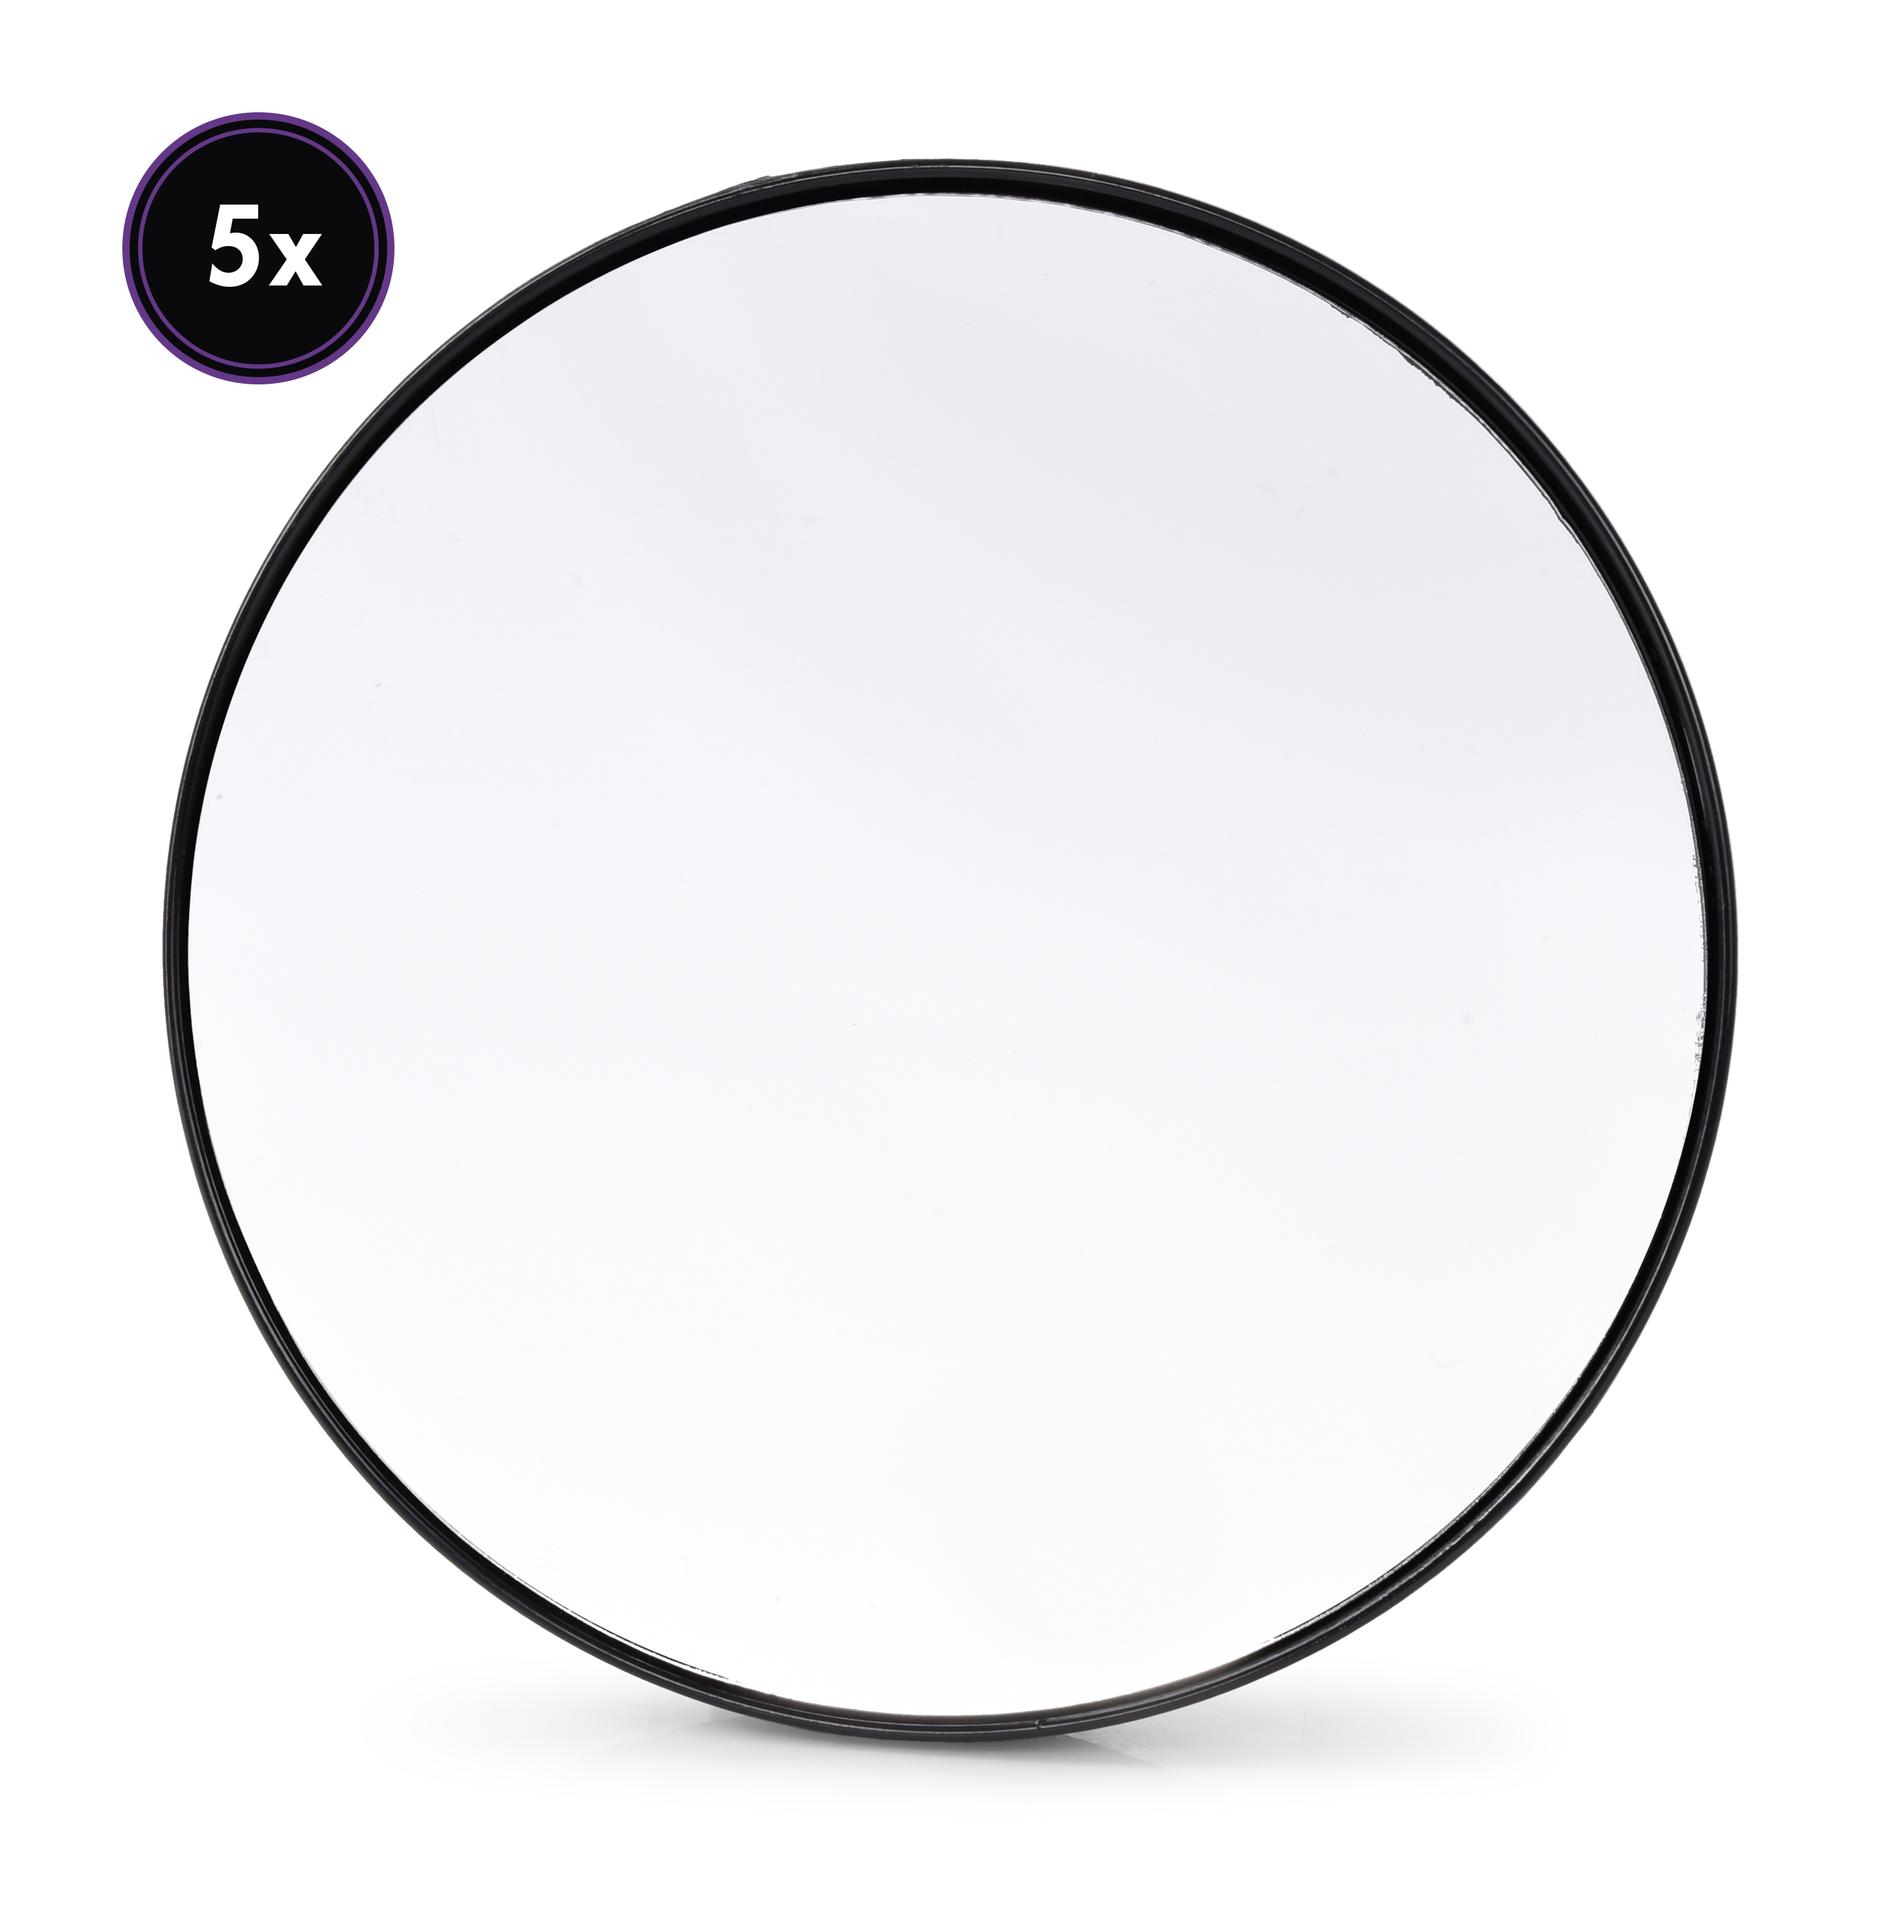 Zvětšovací kosmetické zrcátko s přísavkami, 5x zvětšuje